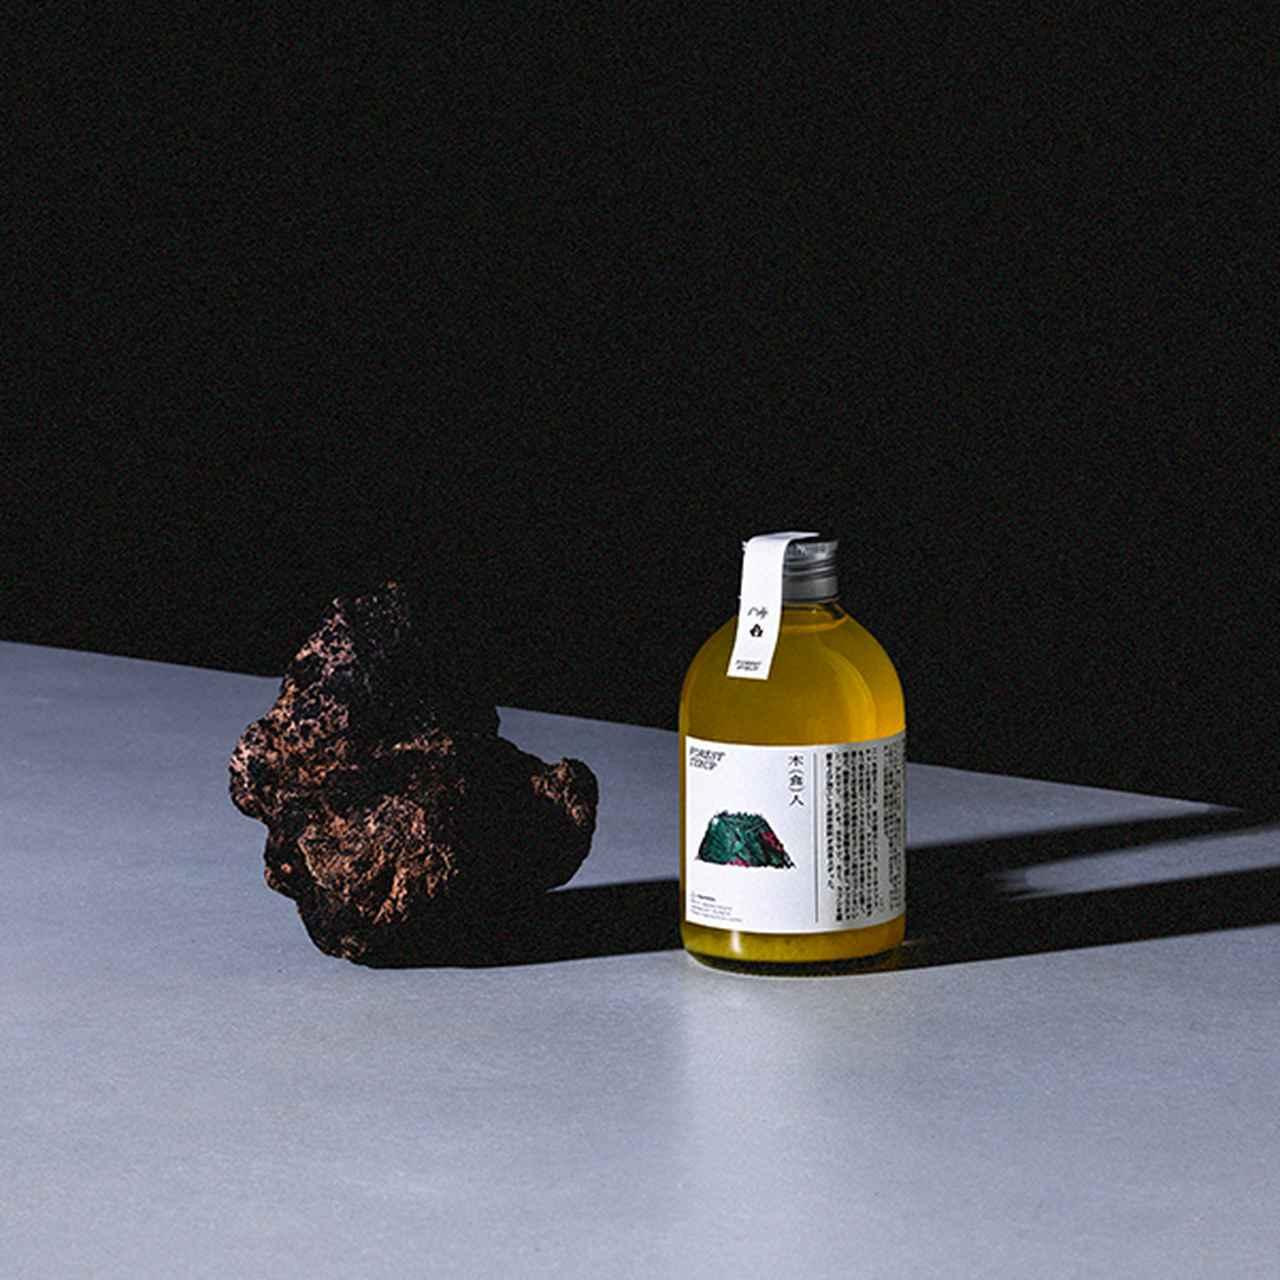 """画像1: """"森を飲む""""という新体験 木の食用化で作る炭酸水とシロップが発売"""